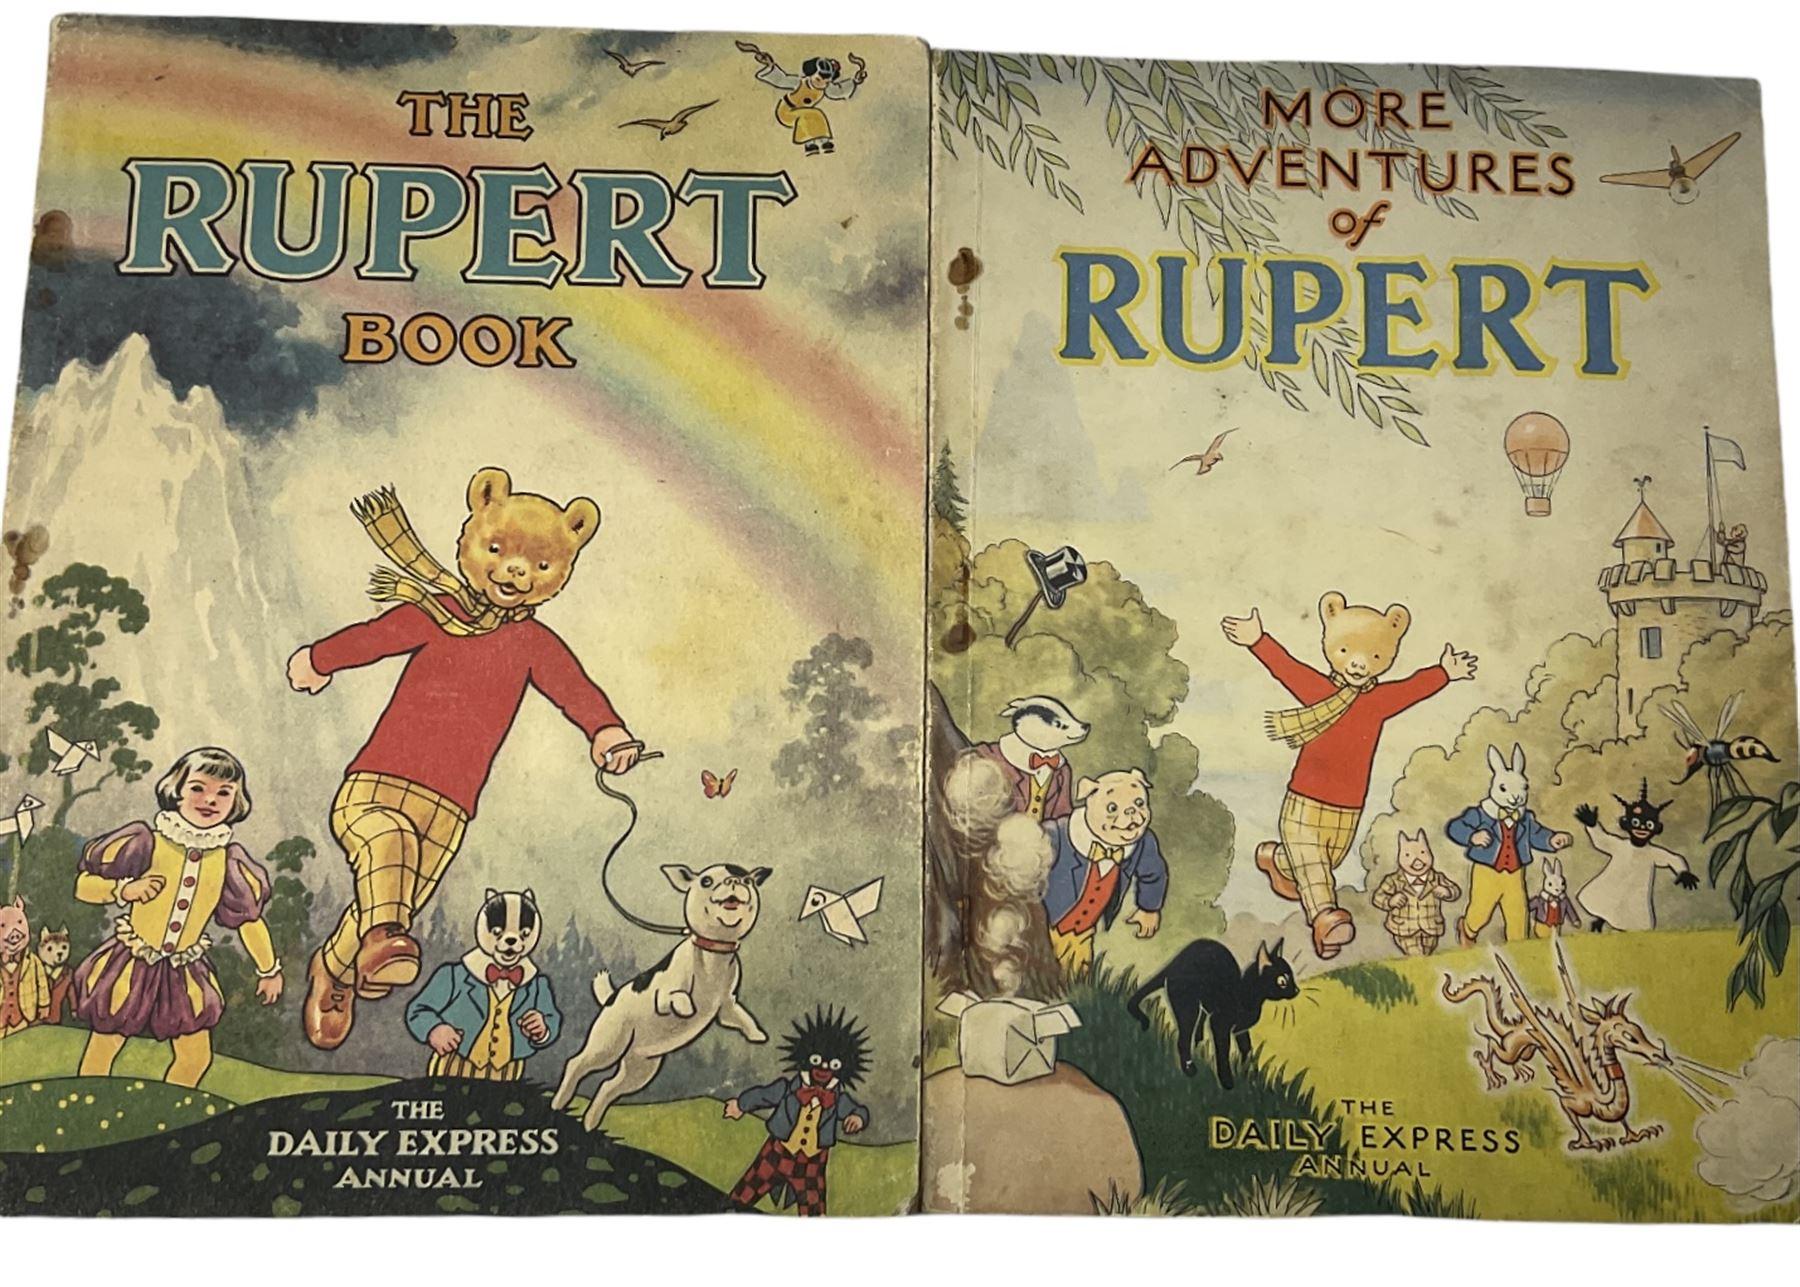 Rupert Bear - More Adventures of Rupert 1947 and The Rupert Book 1948 - Image 2 of 8